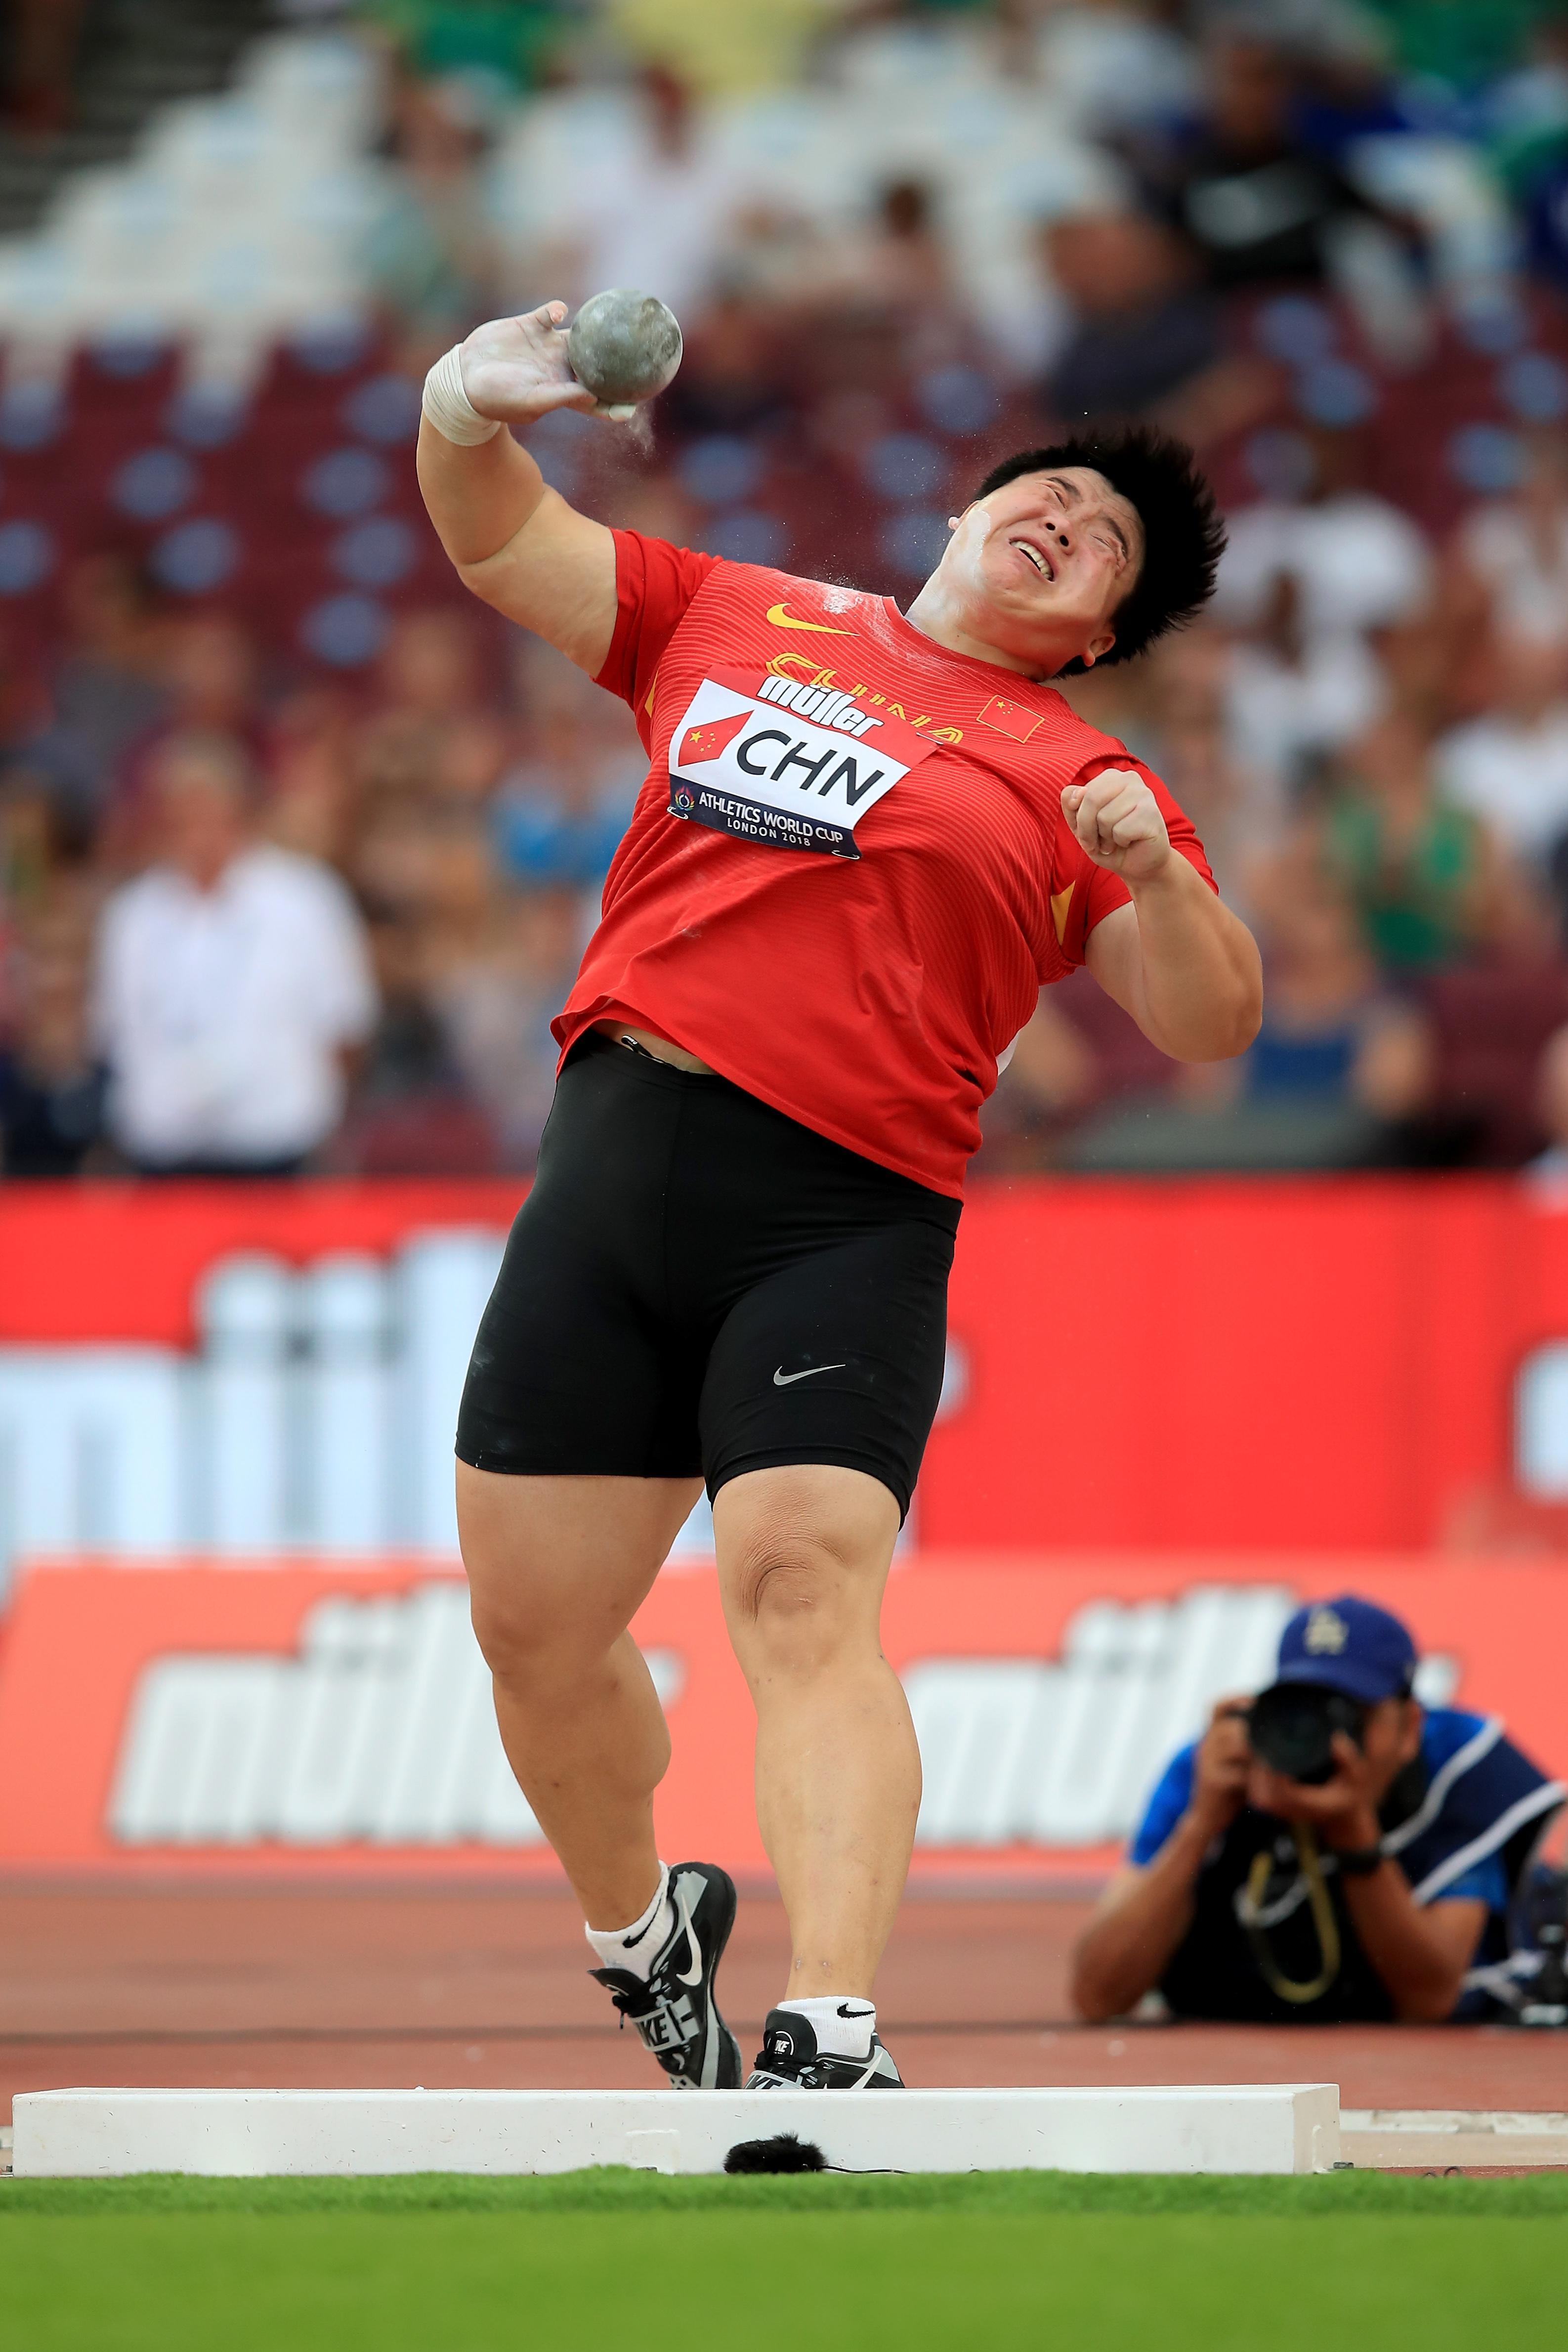 中国田径目标: 东京奥运会成绩全面超里约